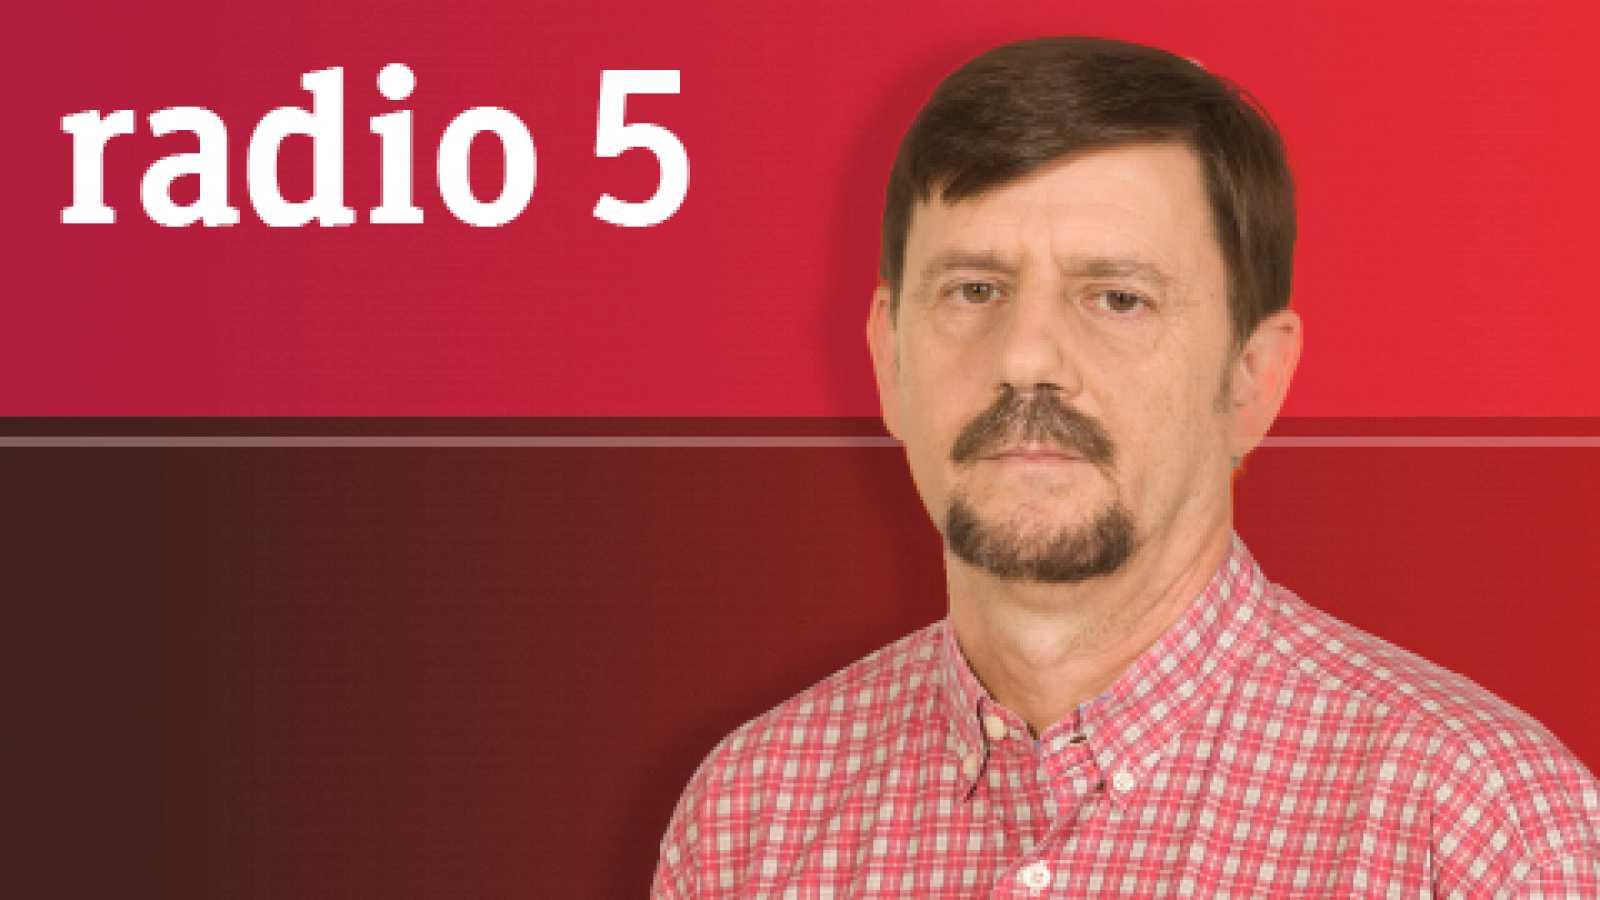 Españoles en la mar en Radio 5 - Dataports - 27/02/20 - escuchar ahora